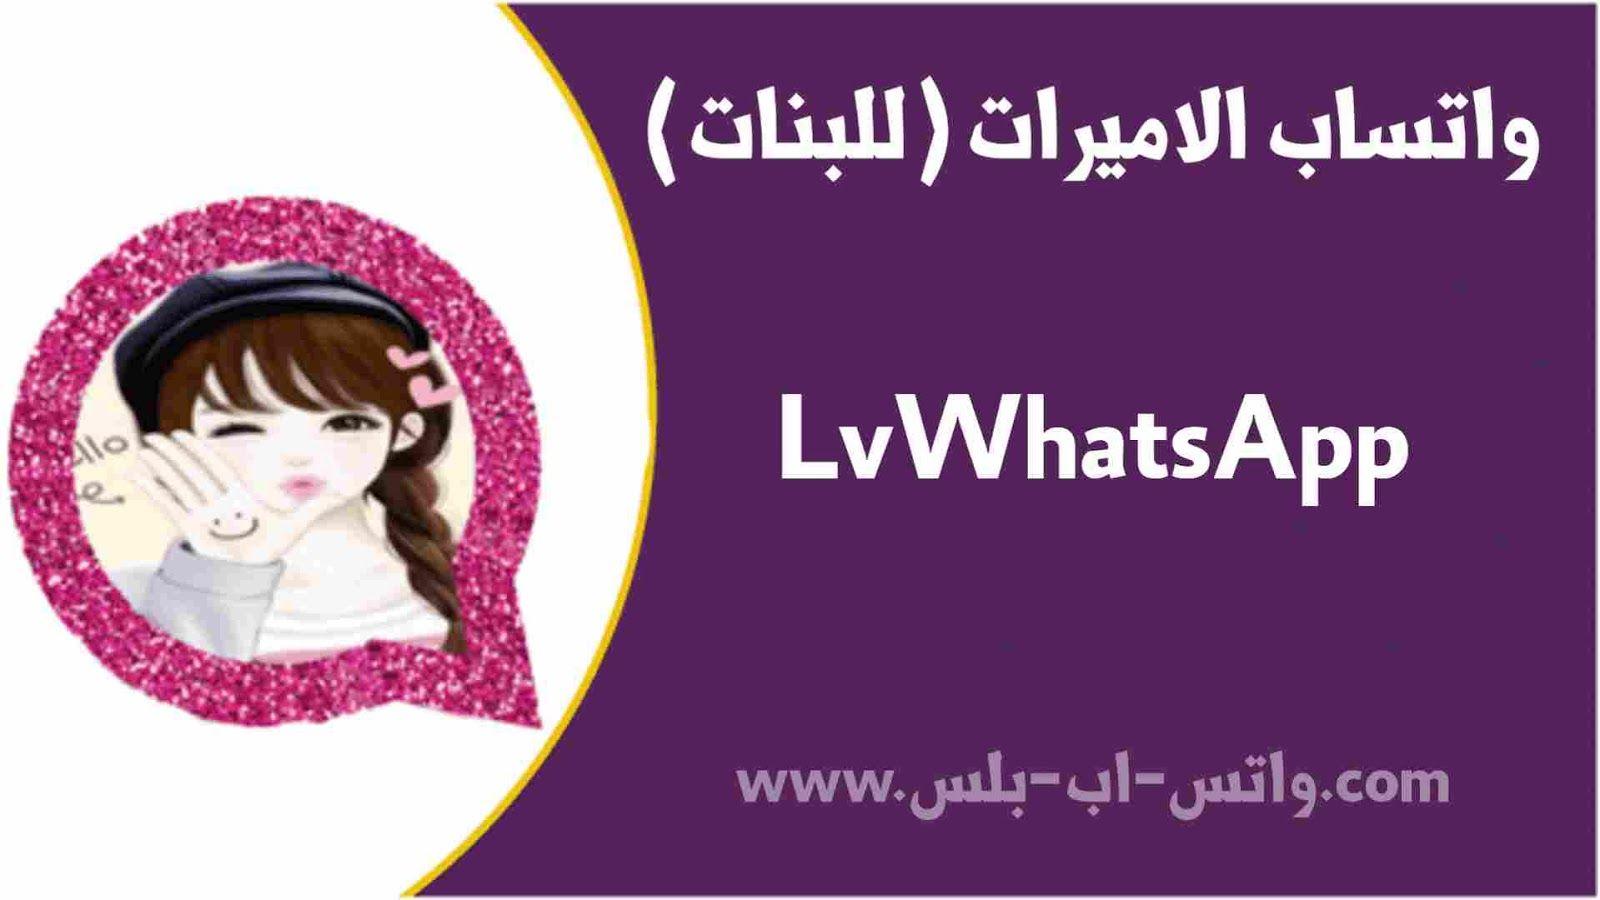 تحميل تحديث واتساب الاميرات Lvwhatsapp الوردي افضل واتس اب بناتي بمميزات رائعة للاندرويد واتس اب الاميرات Lvwhatsapp الوردي للب Movie Posters Princess Movies